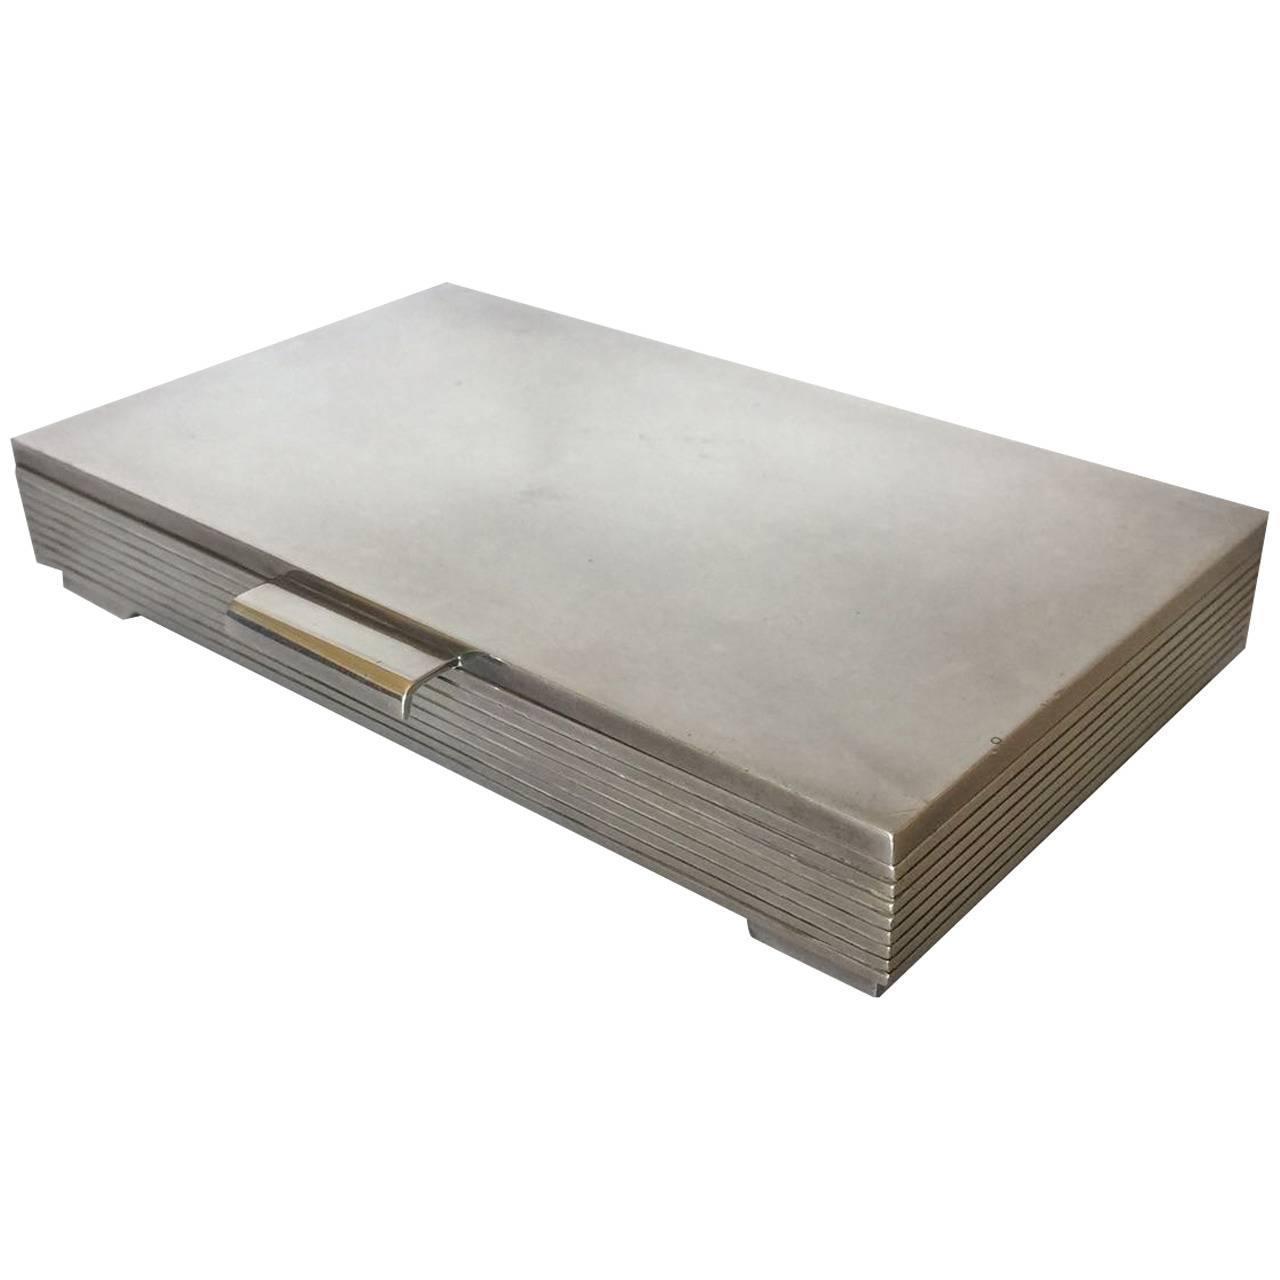 georg jensen sterling silver keepsake box no 712c by sigvard bernadotte for sale at 1stdibs. Black Bedroom Furniture Sets. Home Design Ideas